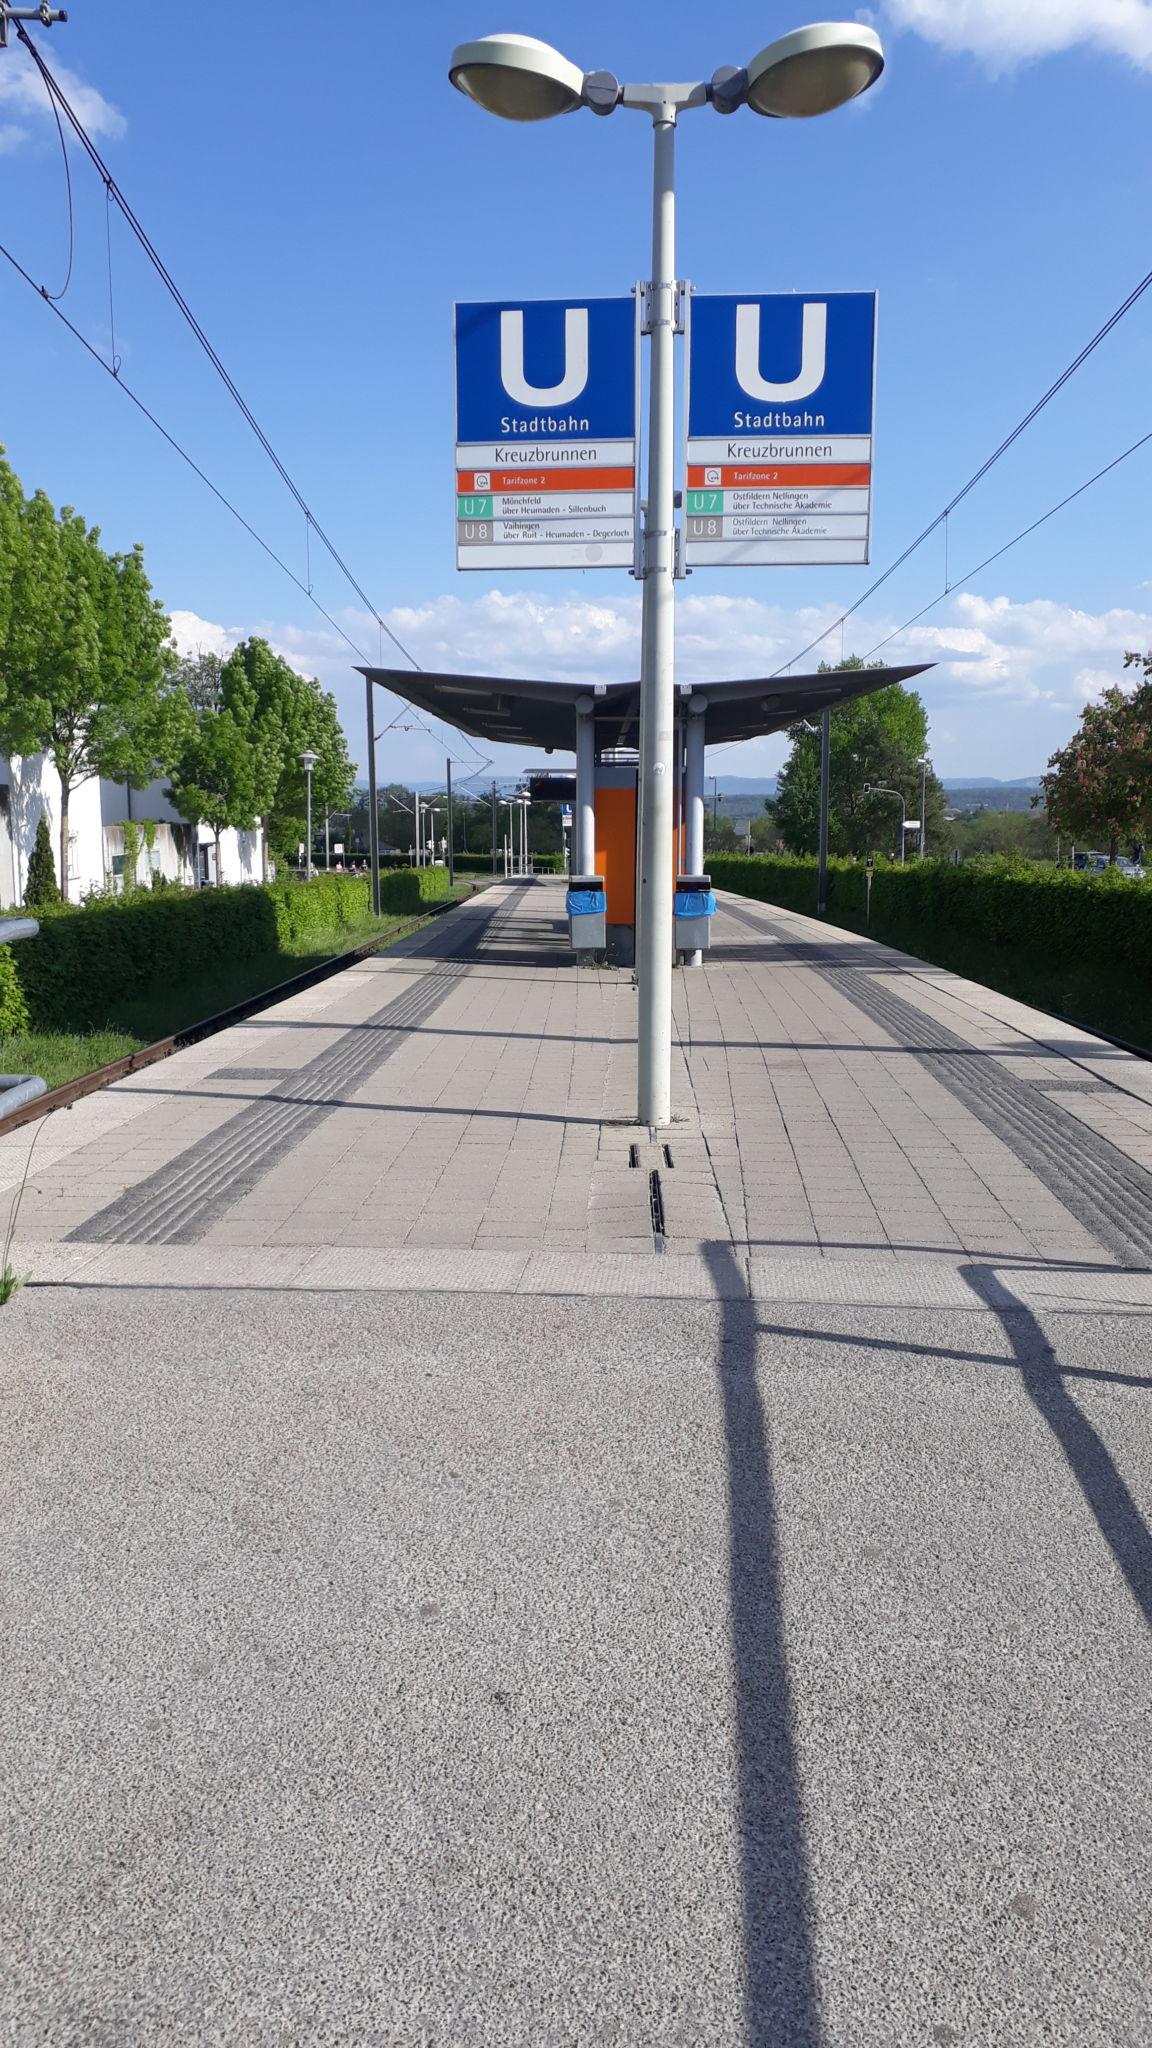 Stadtbahnhaltestelle U7 / U8 Kreuzbrunnen, Scharnhauser Park